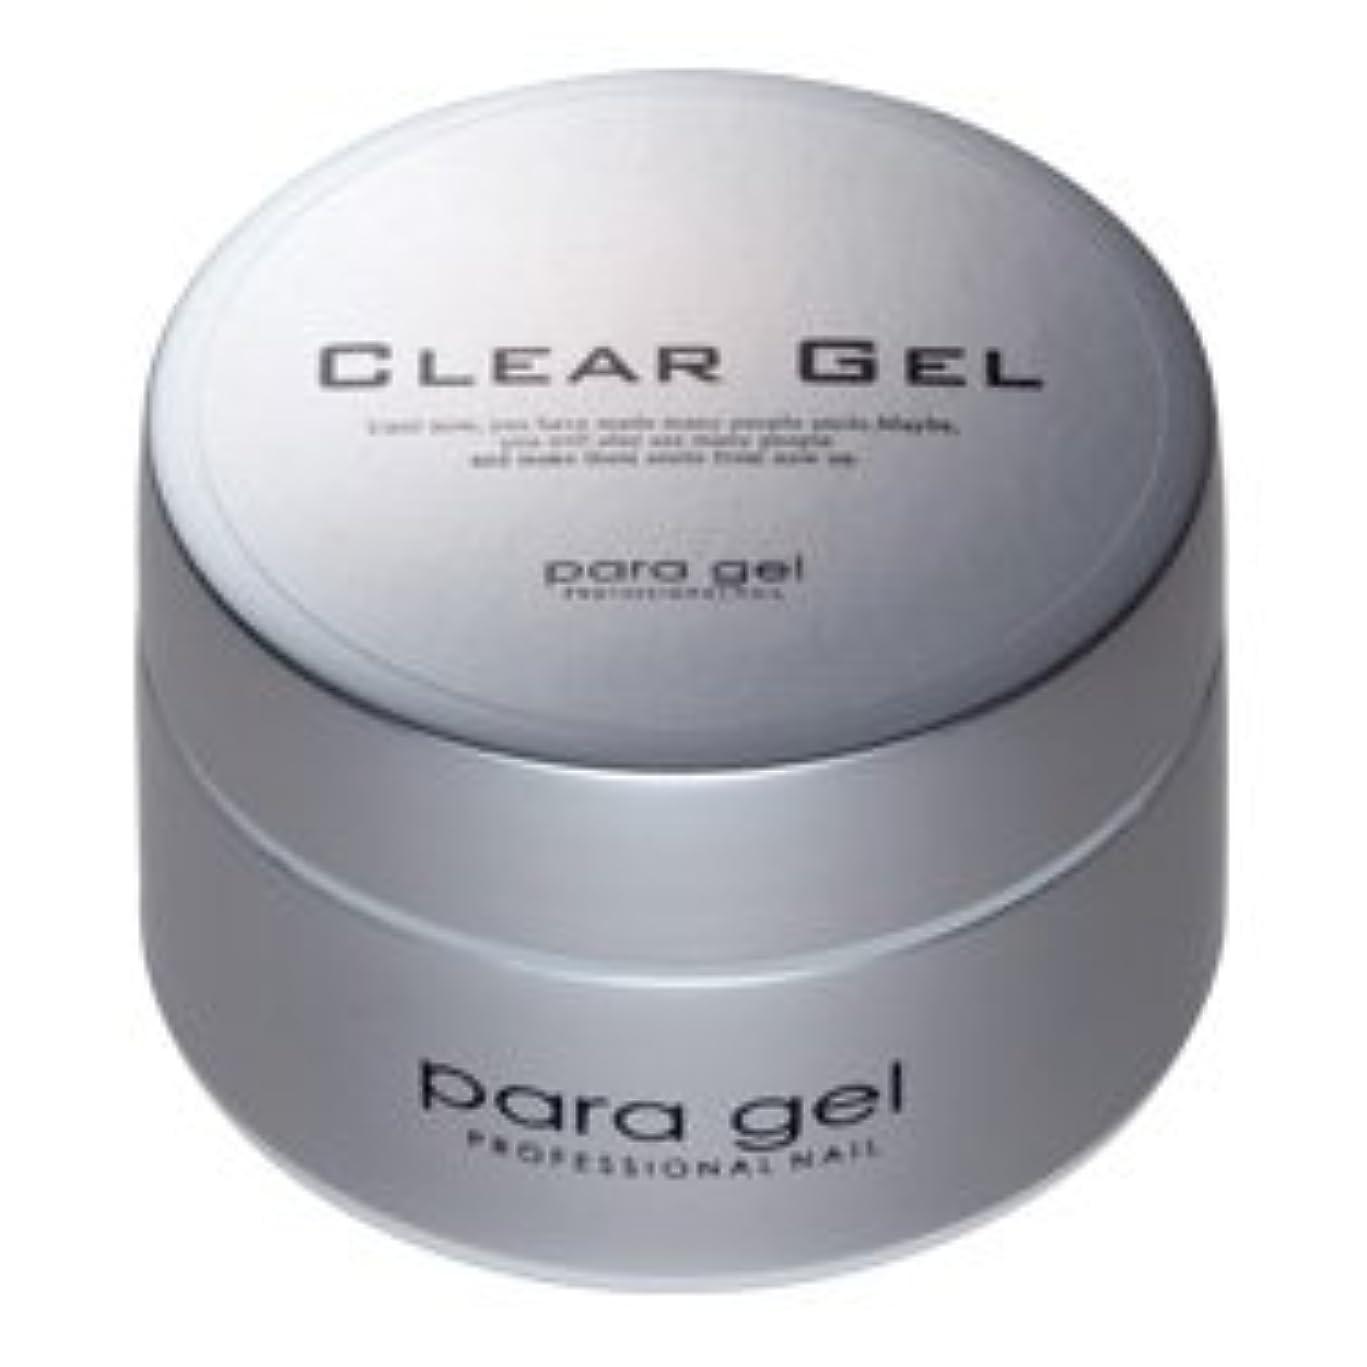 うまくいけばふつうオレンジ★para gel(パラジェル) <BR>クリアジェル 10g